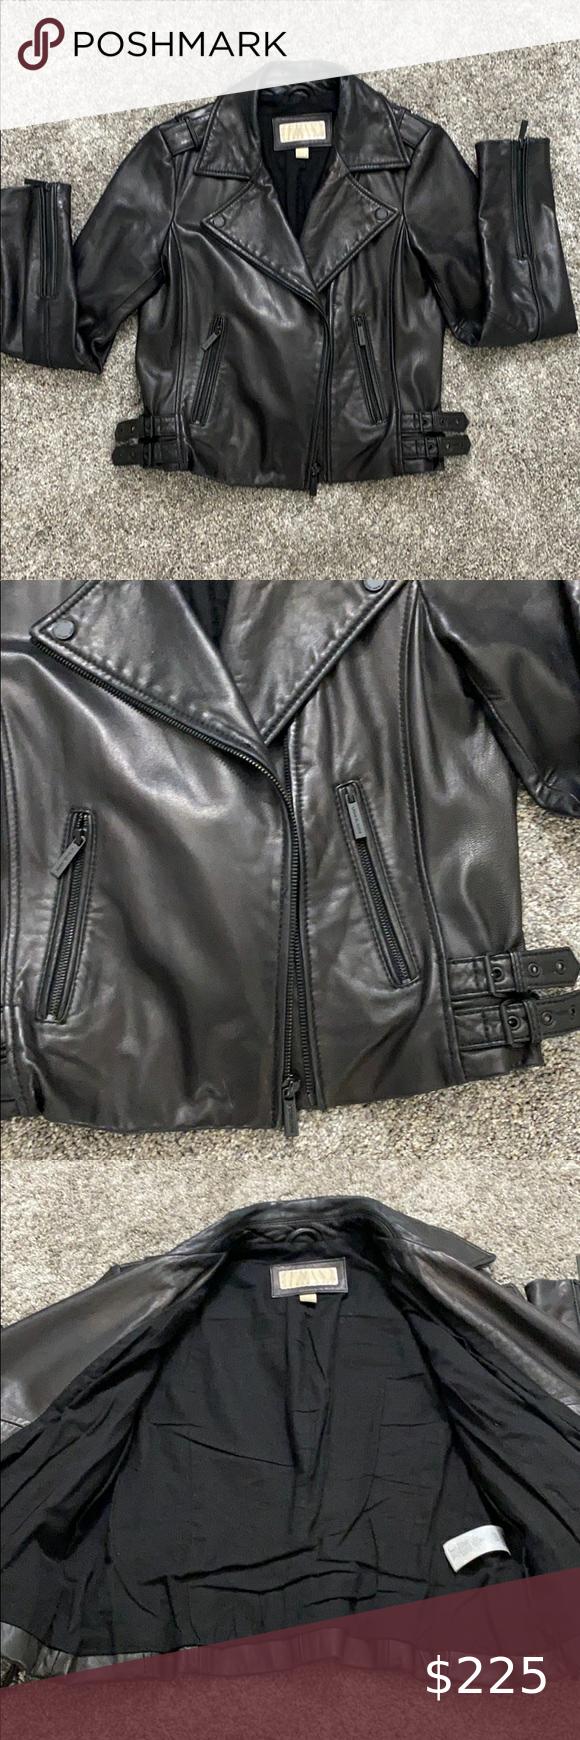 Mk 100 Leather Jacket Leather Jacket Black Leather Moto Jacket Real Leather Jacket